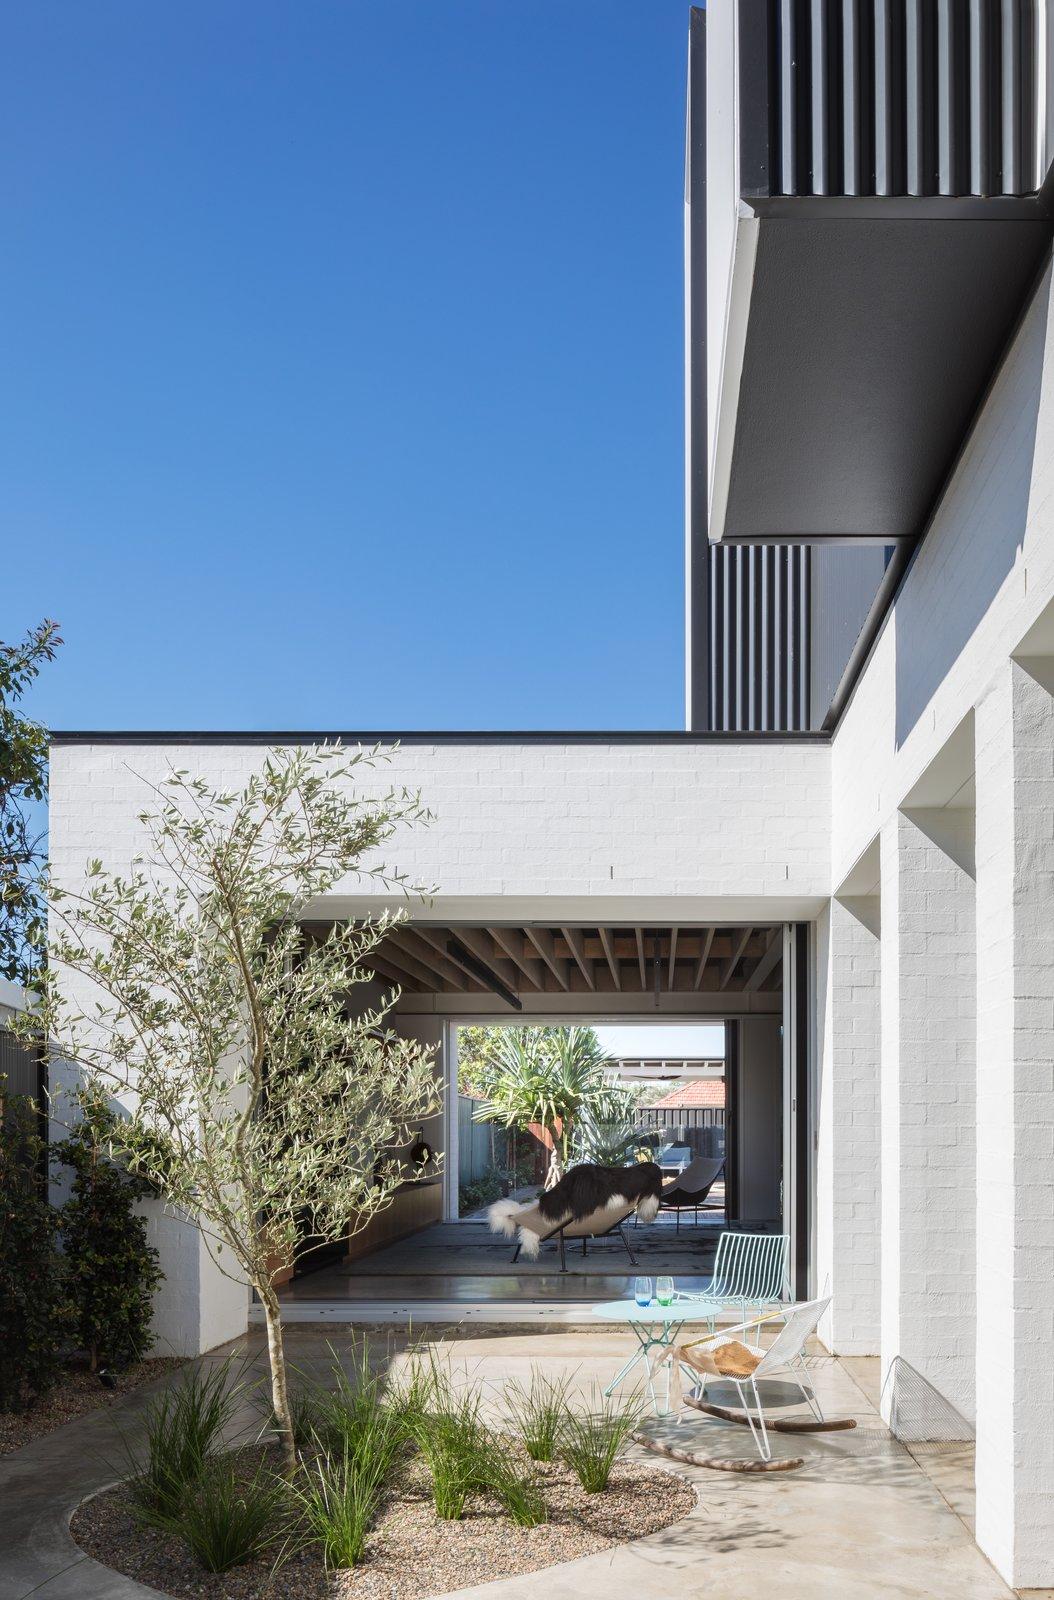 Matraville House internal courtyard